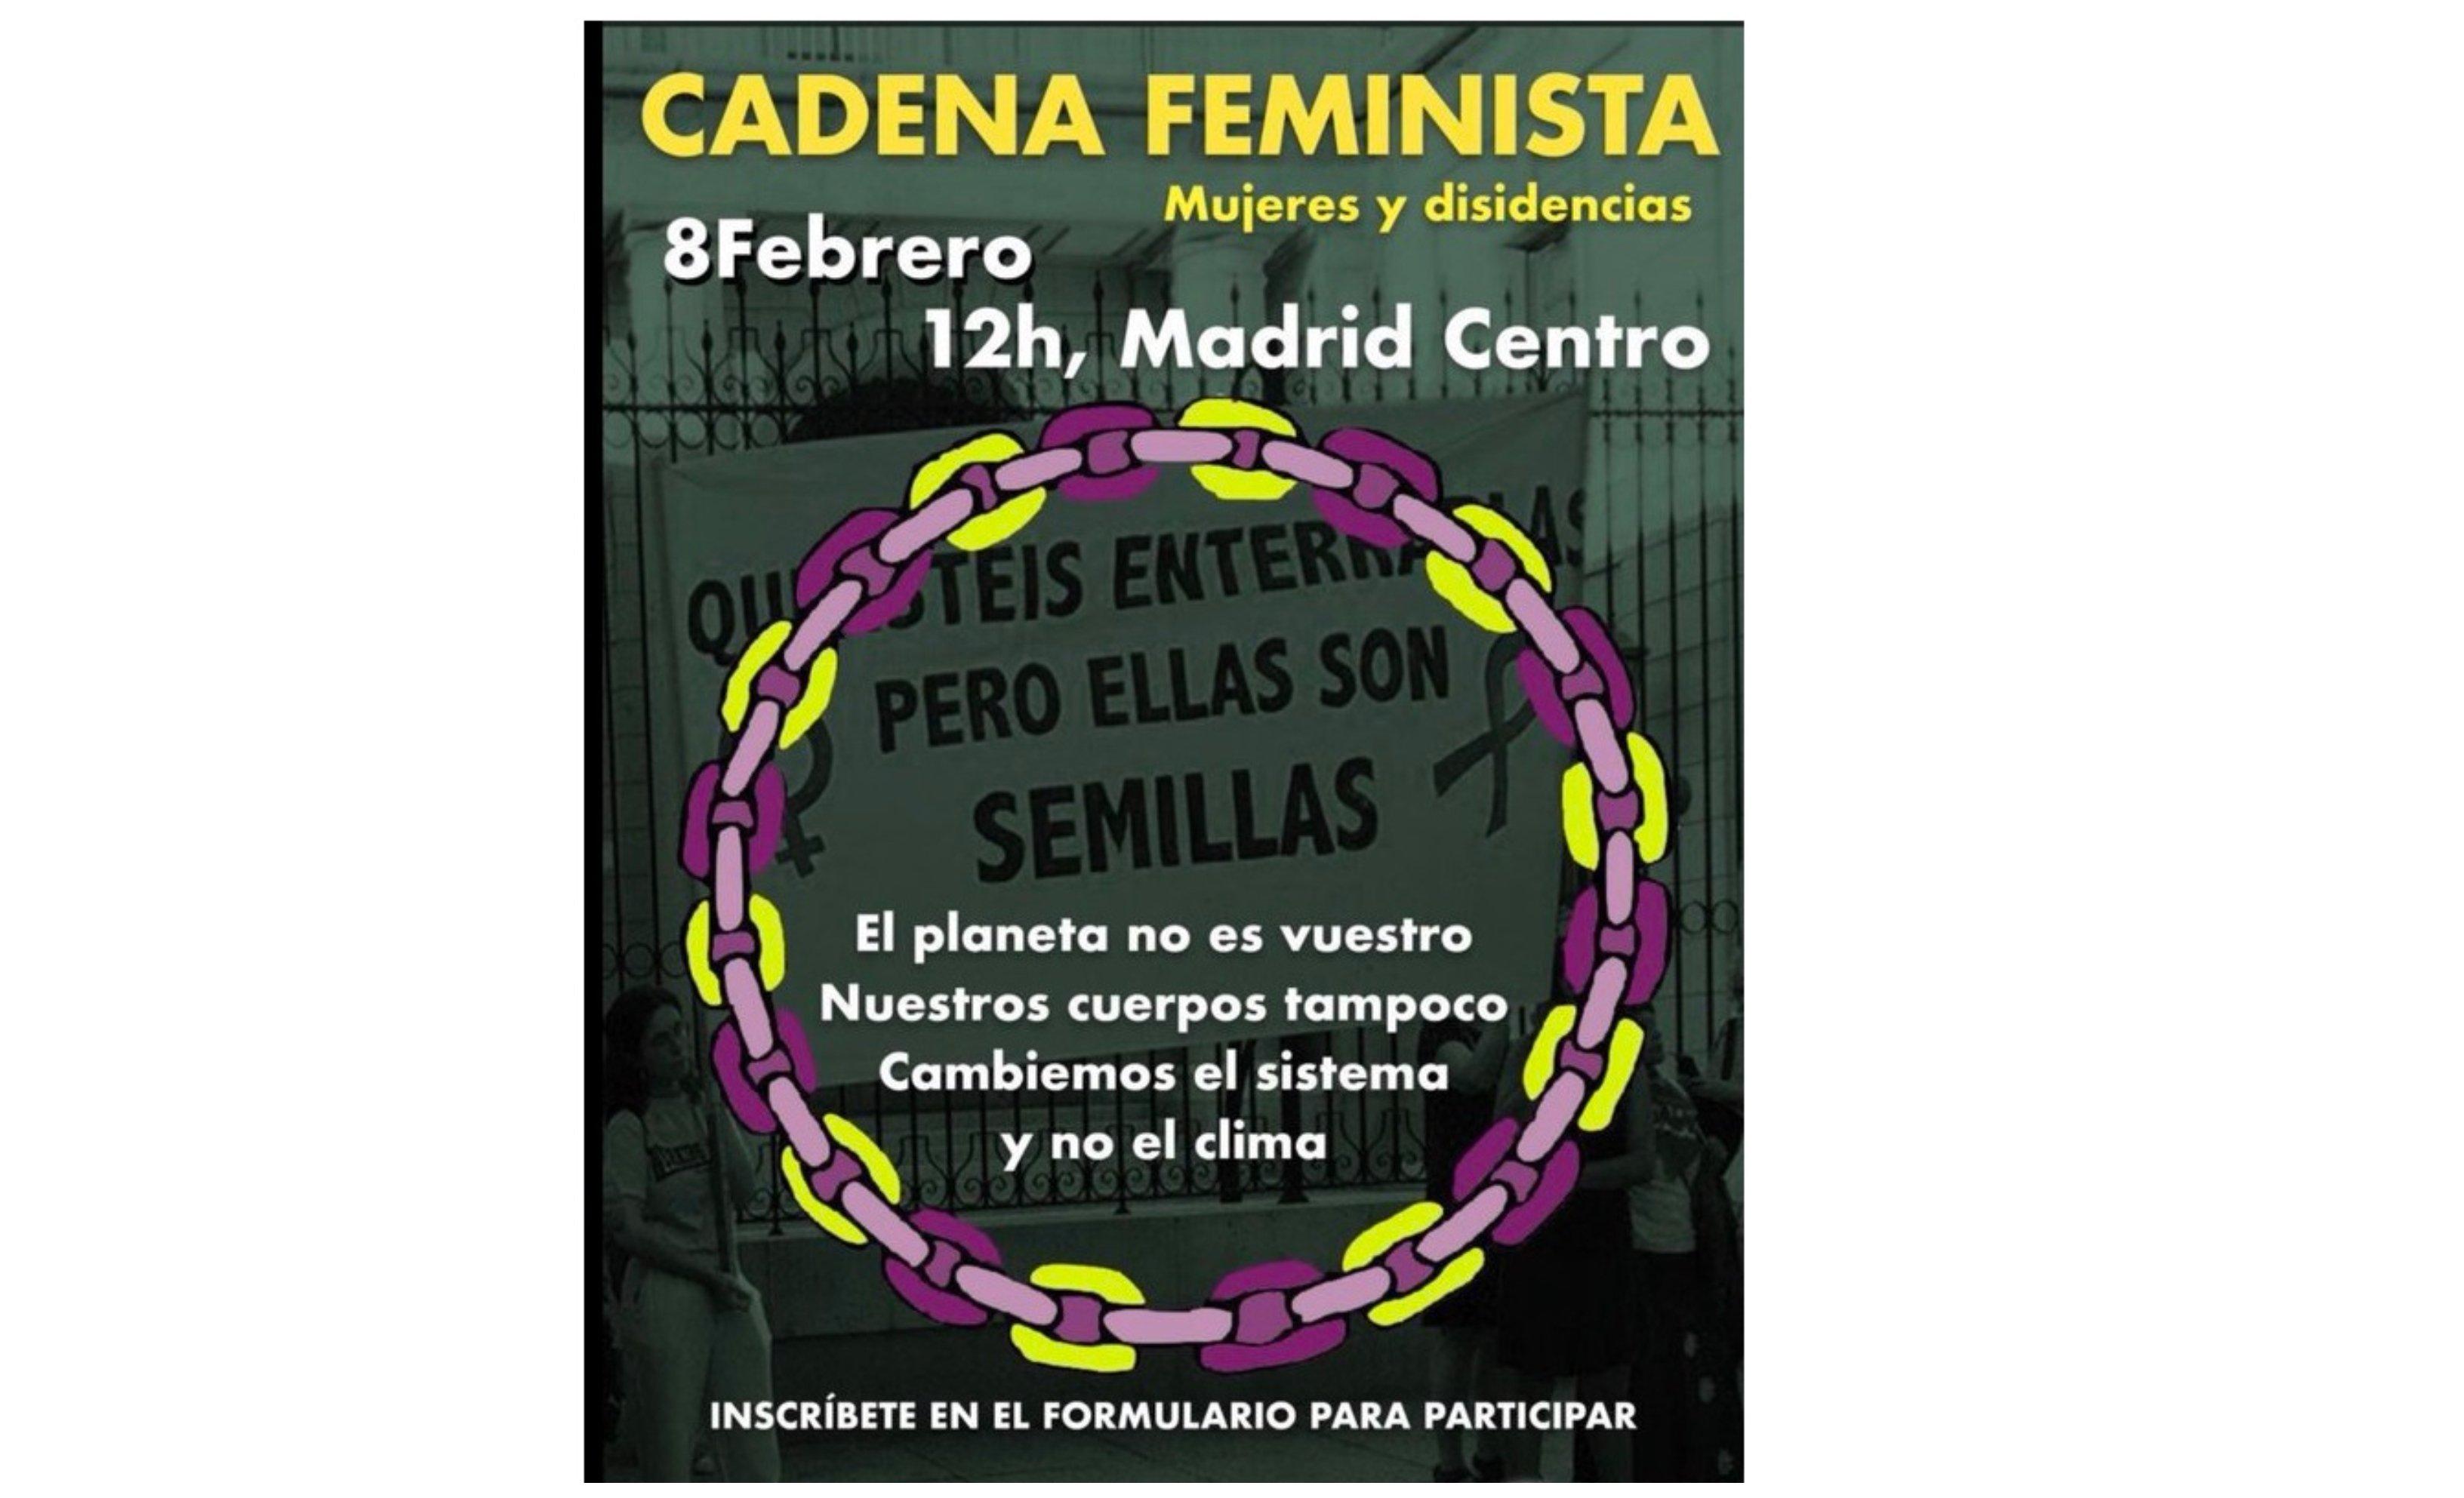 Cadena feminista en Madrid